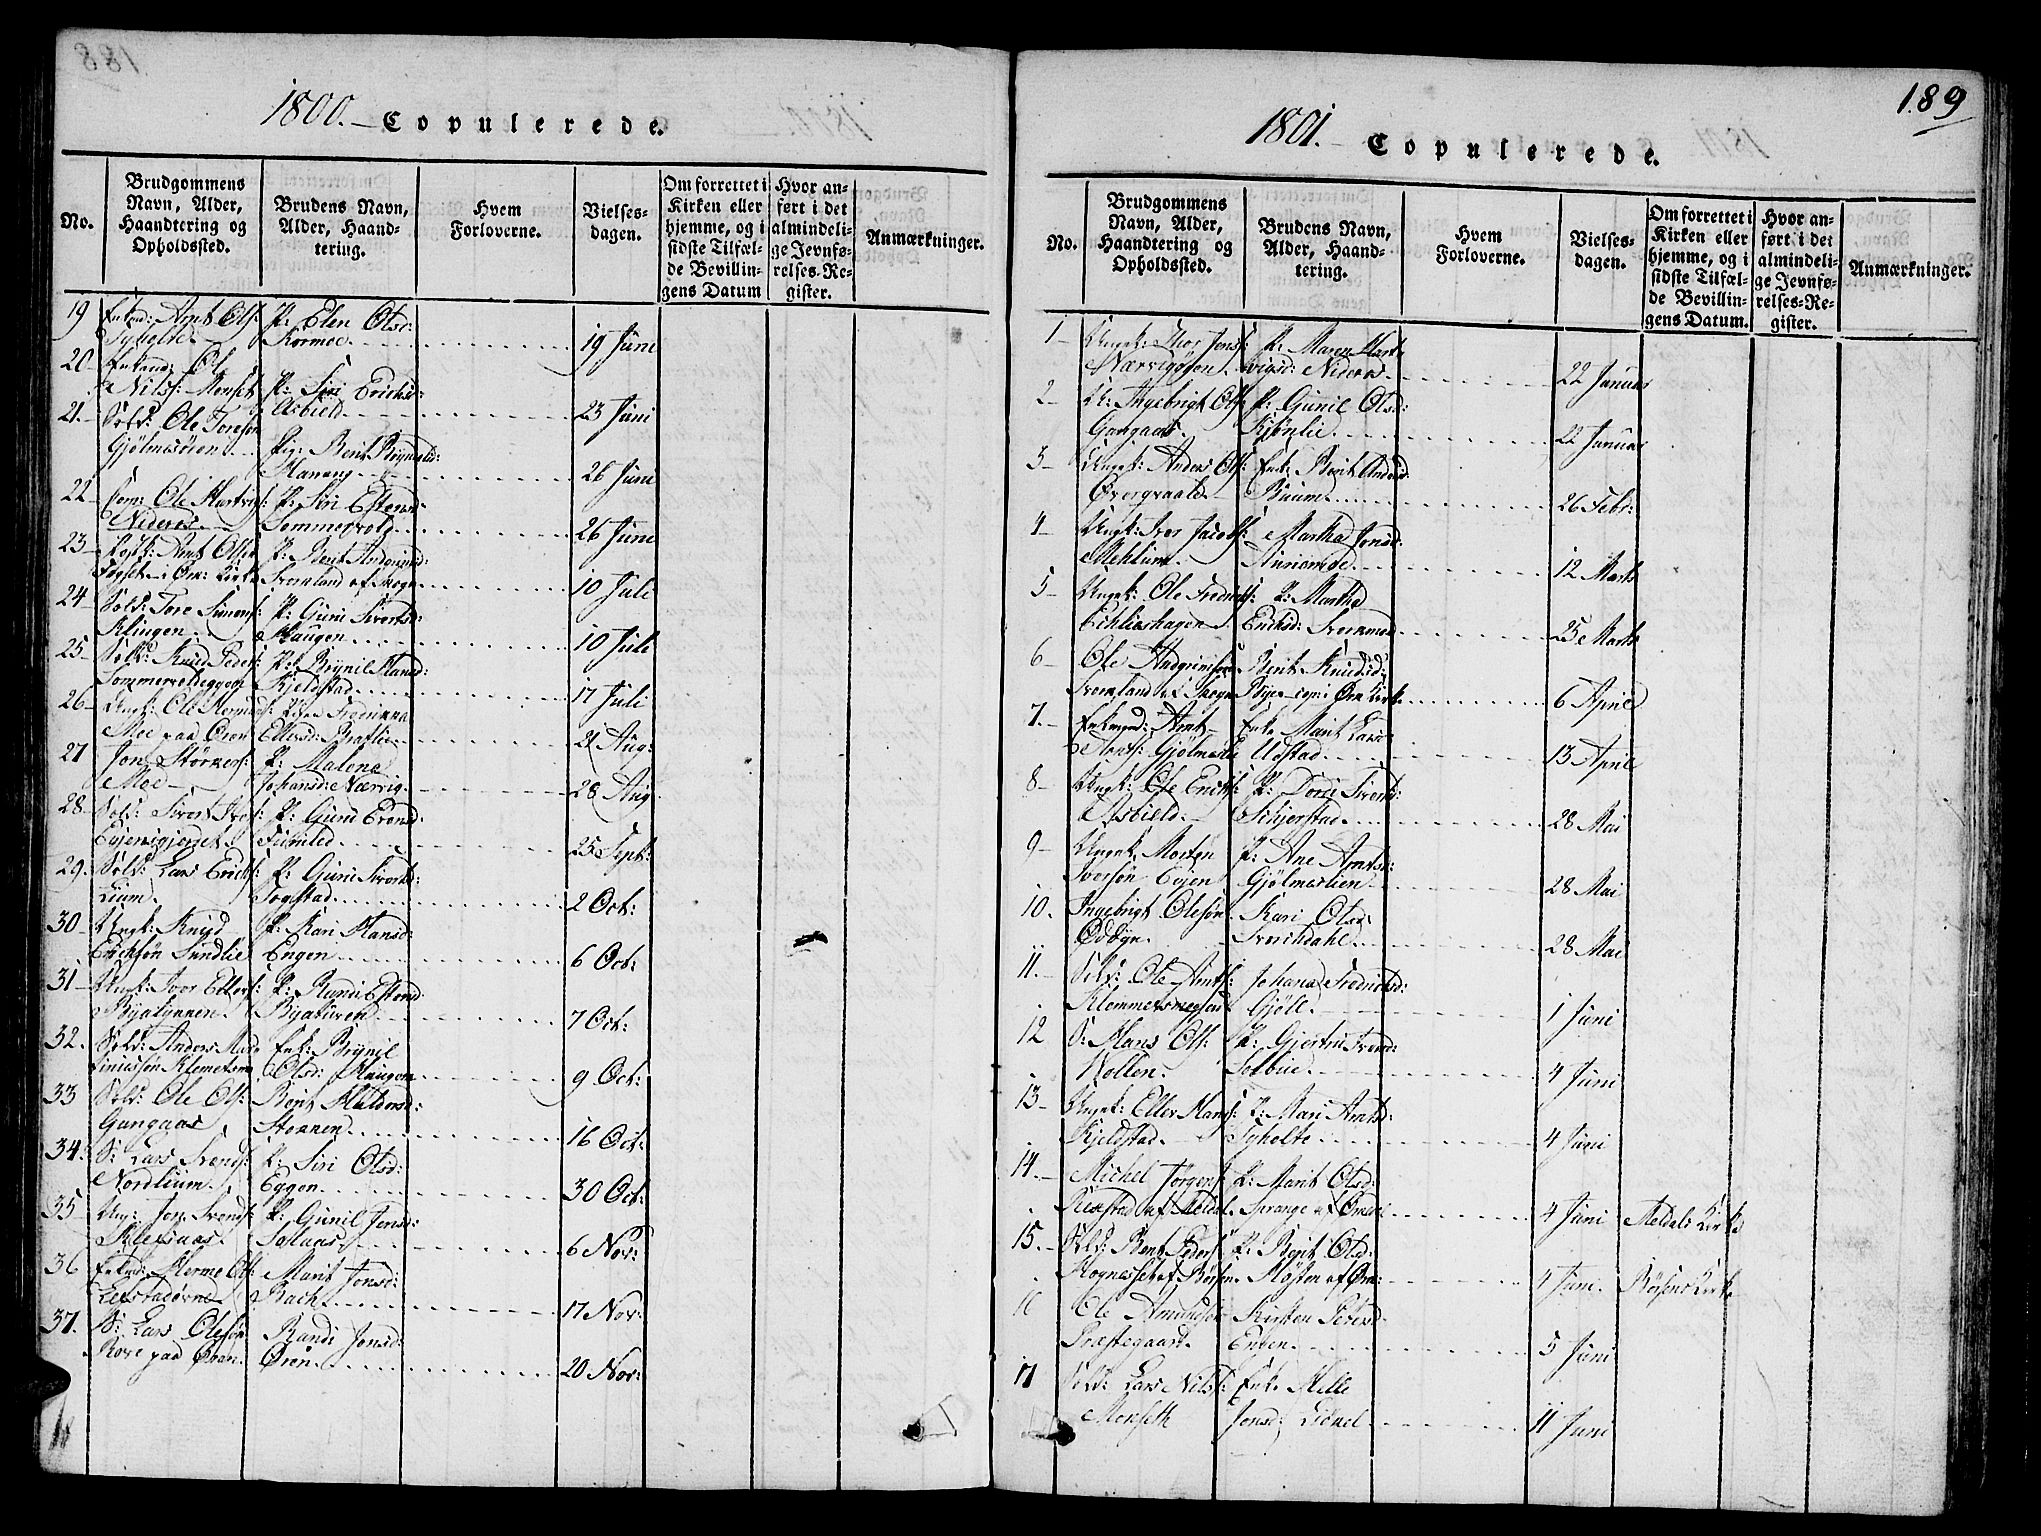 SAT, Ministerialprotokoller, klokkerbøker og fødselsregistre - Sør-Trøndelag, 668/L0803: Ministerialbok nr. 668A03, 1800-1826, s. 189